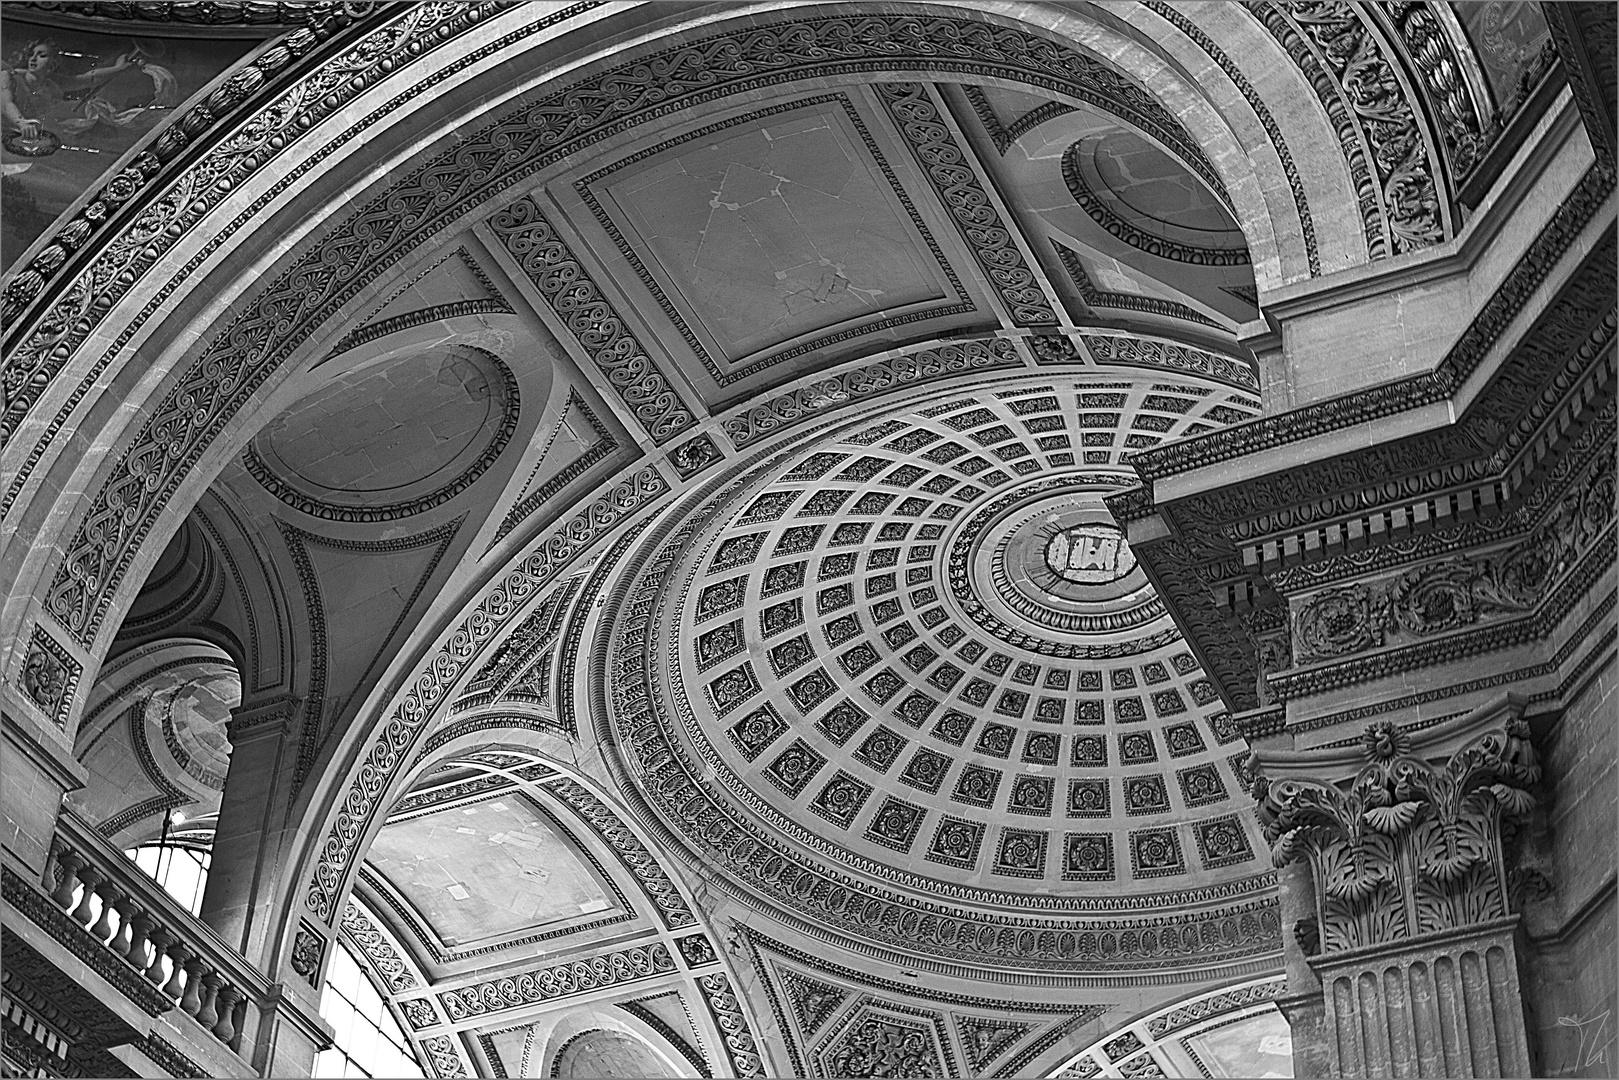 Kuppel im Pantheon in Paris